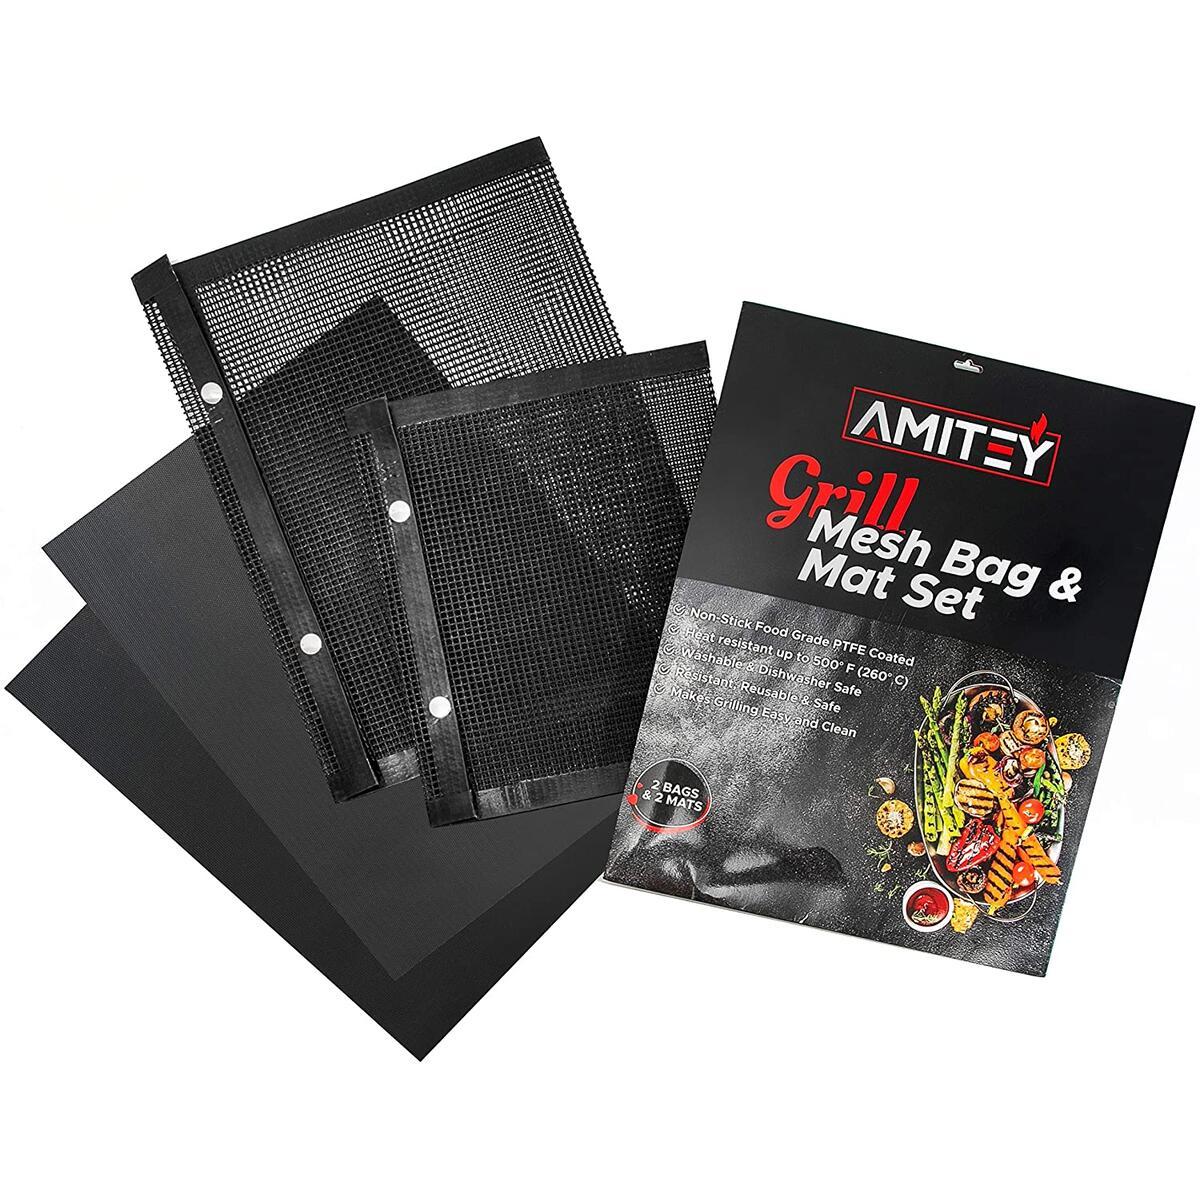 BBQ Grill UNIQUE Set - 2 Mesh Bags and 2 Mats